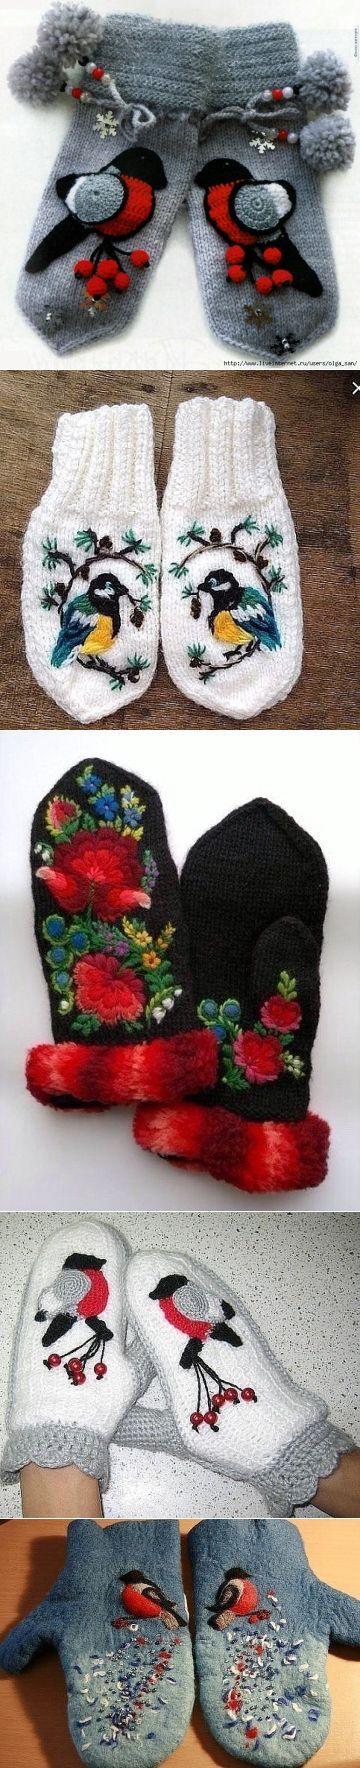 Идеи для зимних варежек